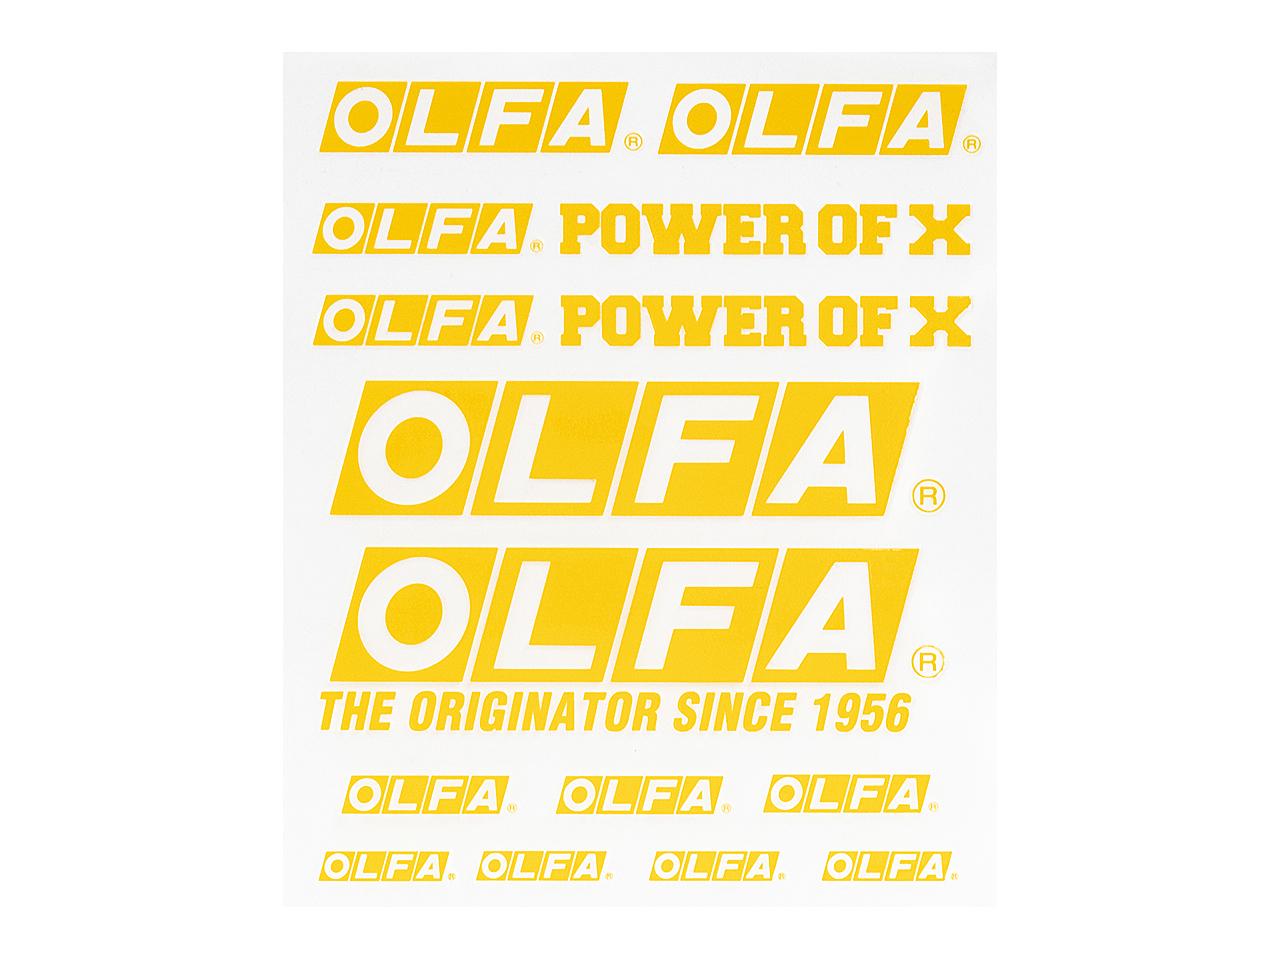 OLFAステッカー(イエロー)